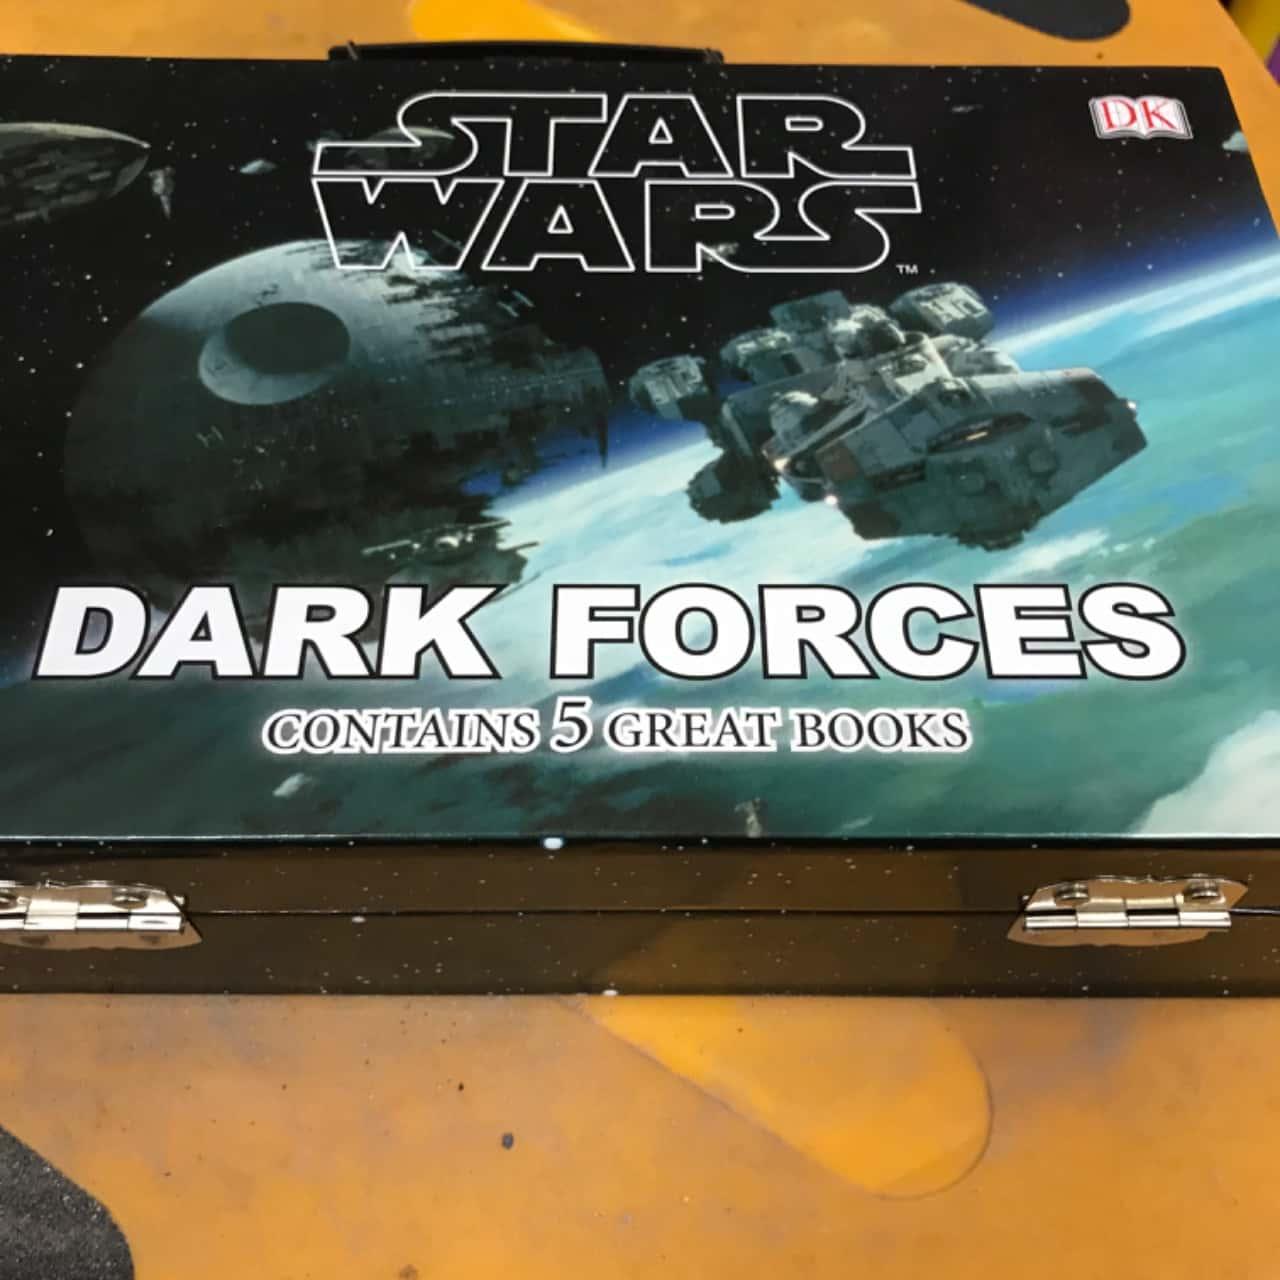 Books 2014 Star Wars Dark Forces